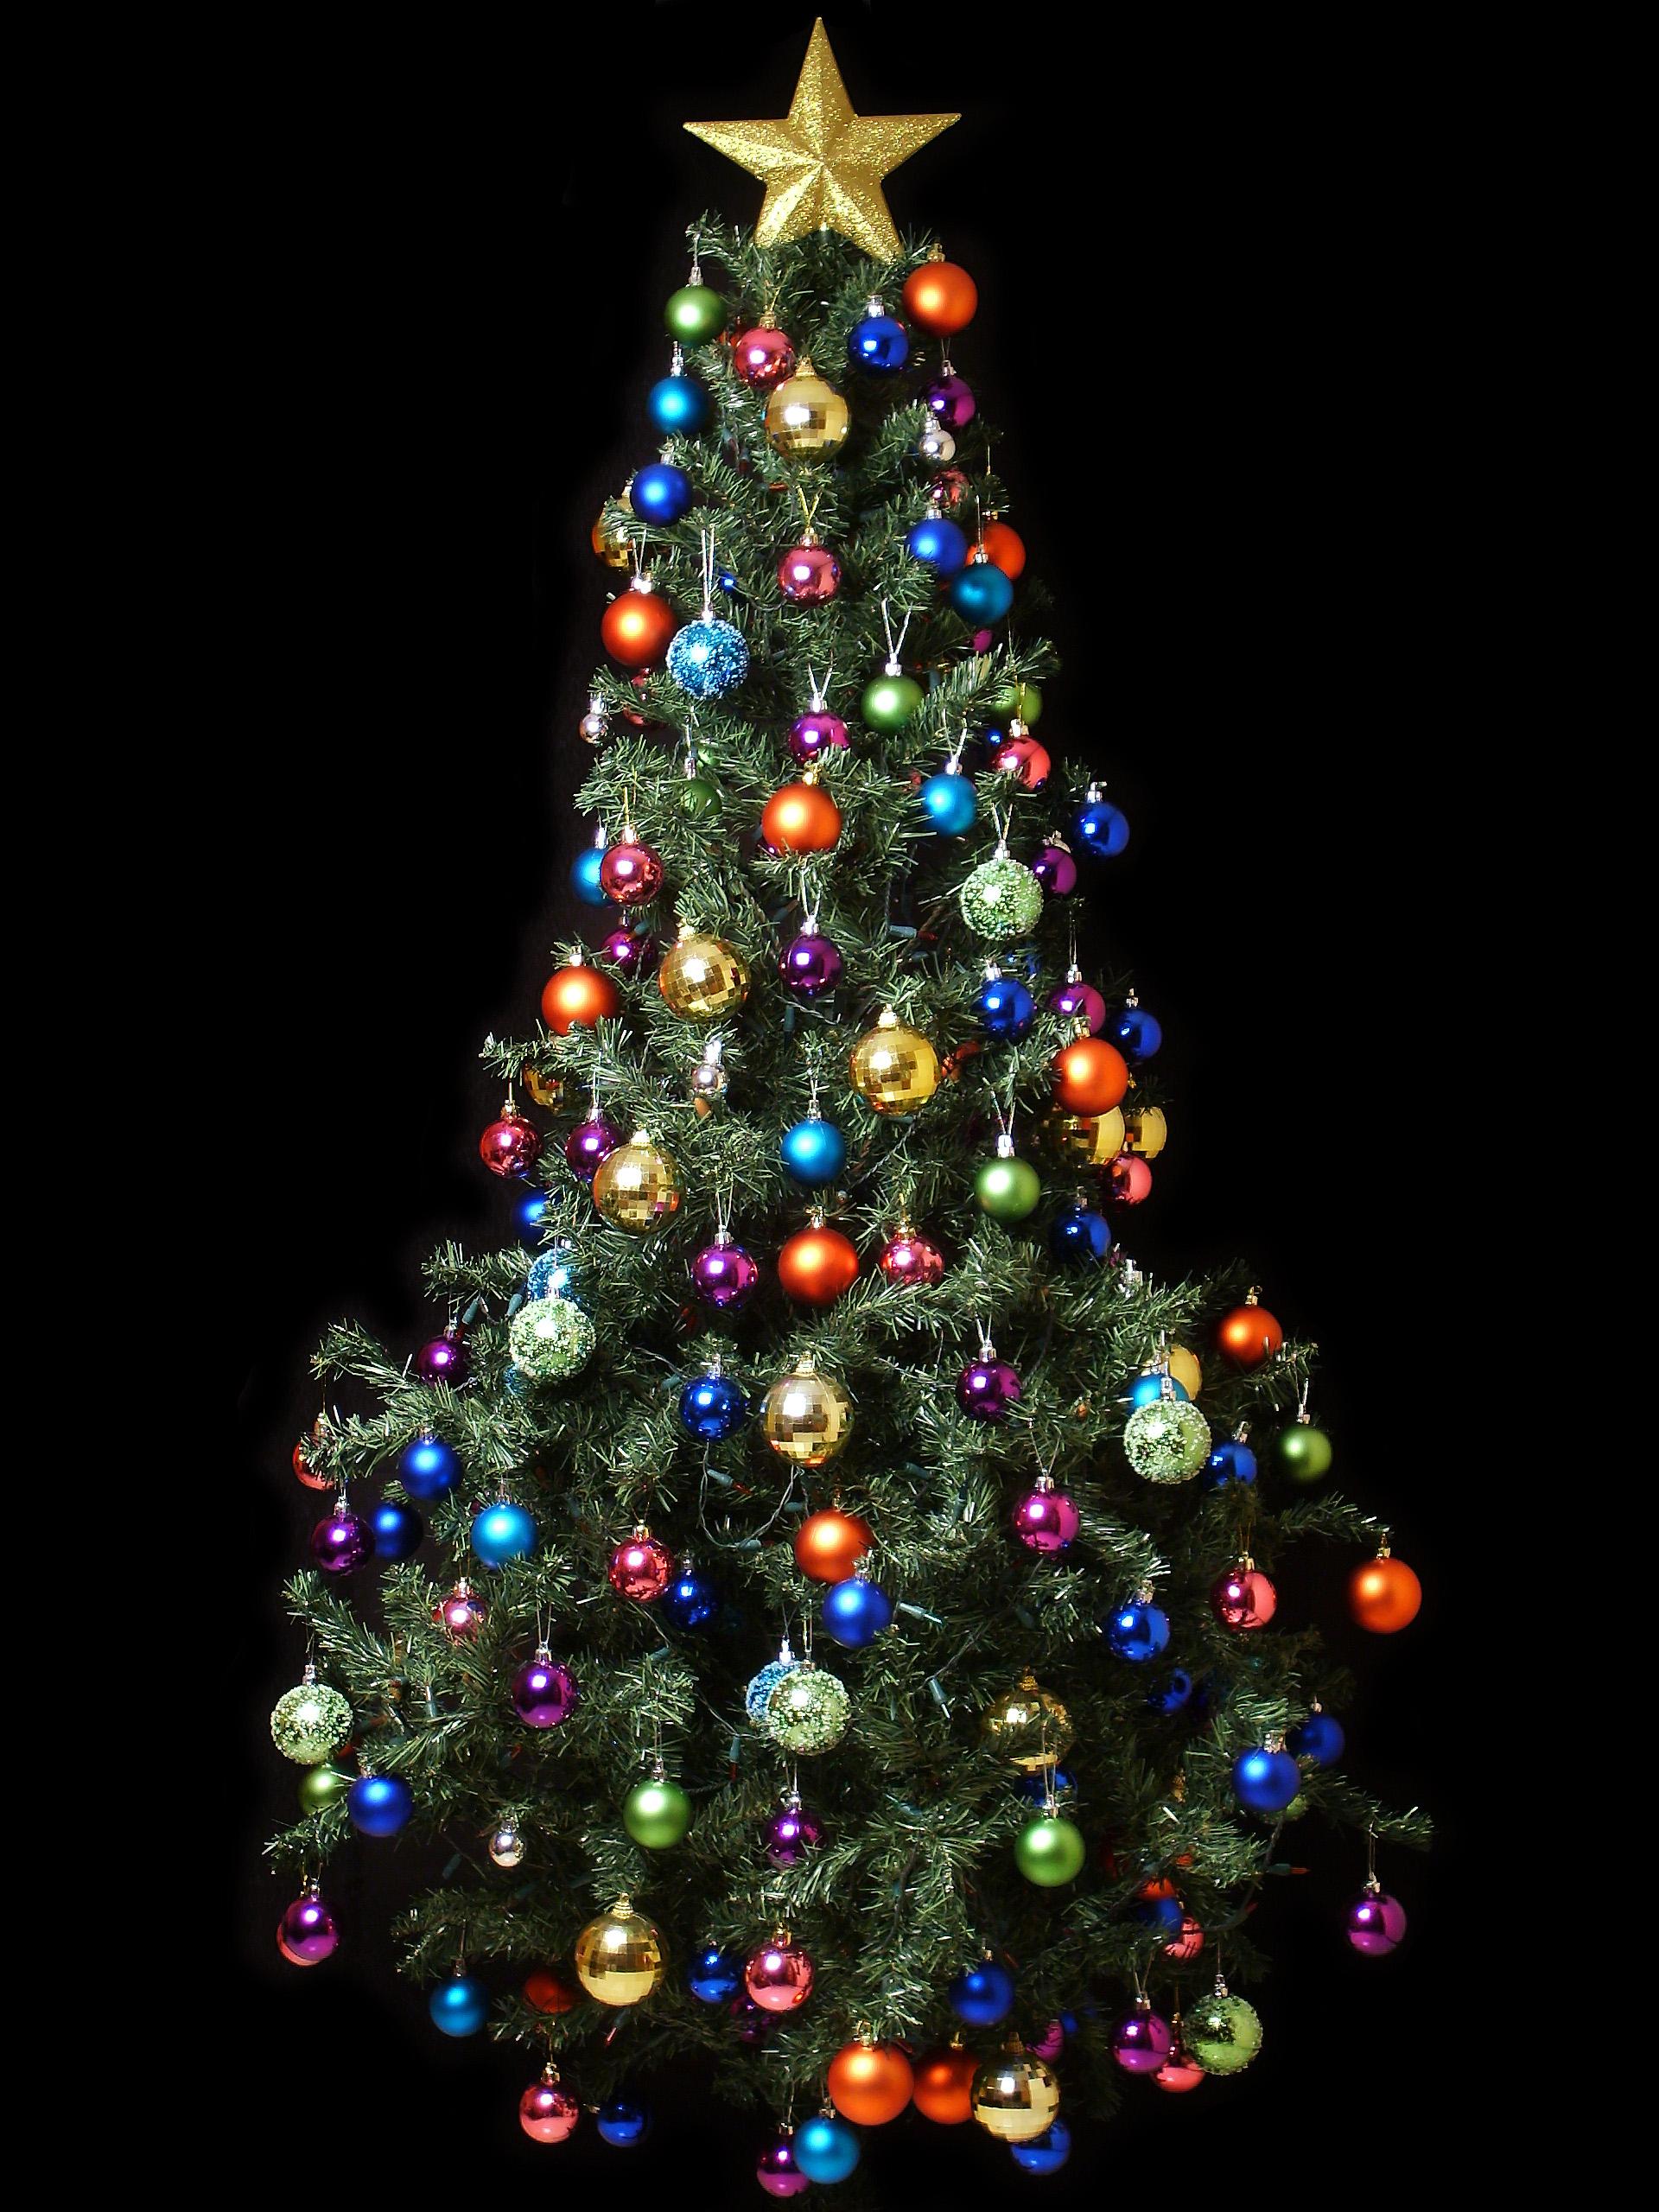 ΠΡΟΣΟΧΗ!!!το δέντρο είναι κλεμμένο από το blog ΧΩΡΙΣ ΘΕΜΑ